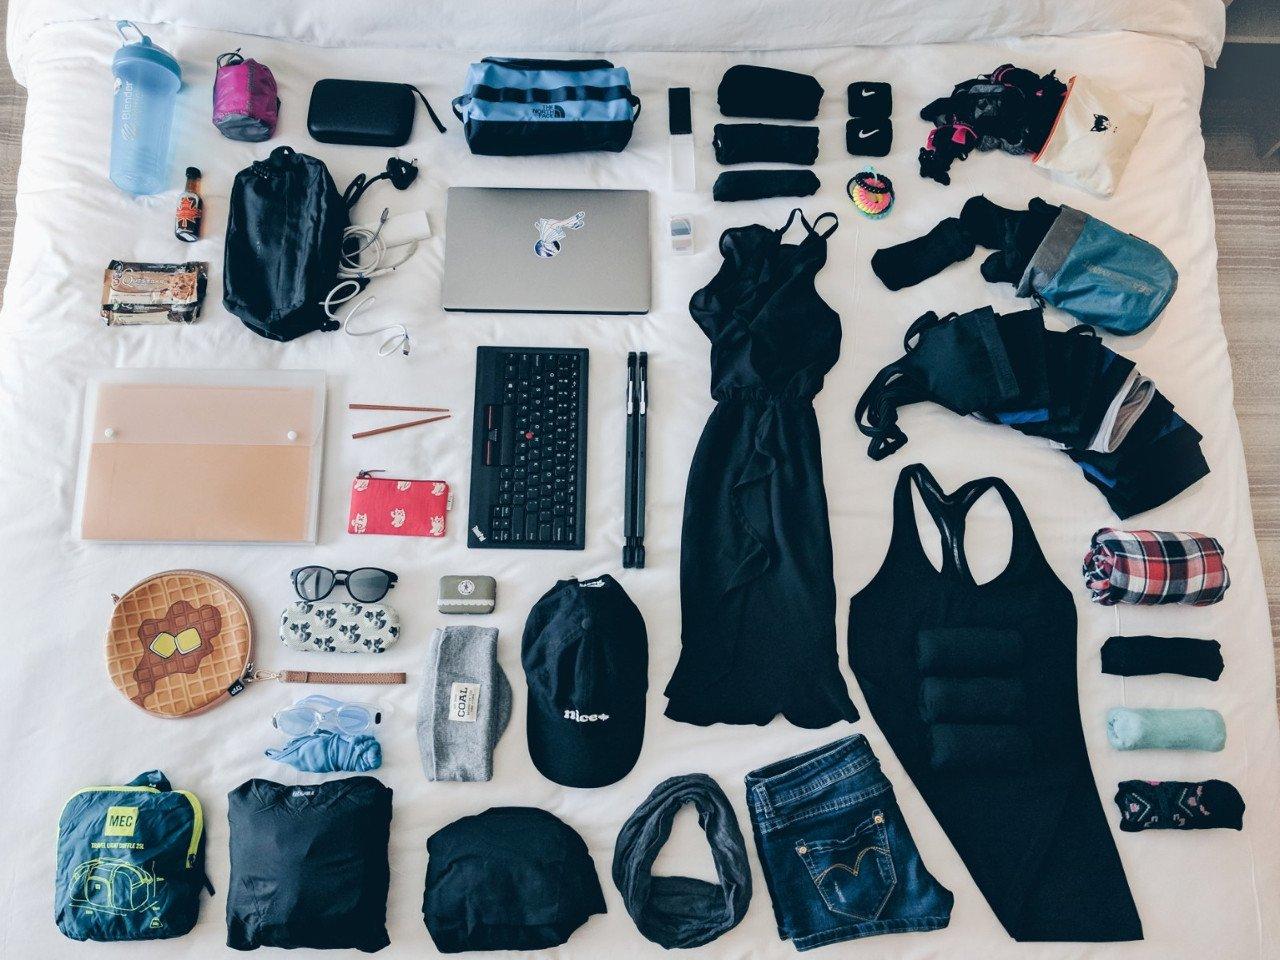 All my stuff